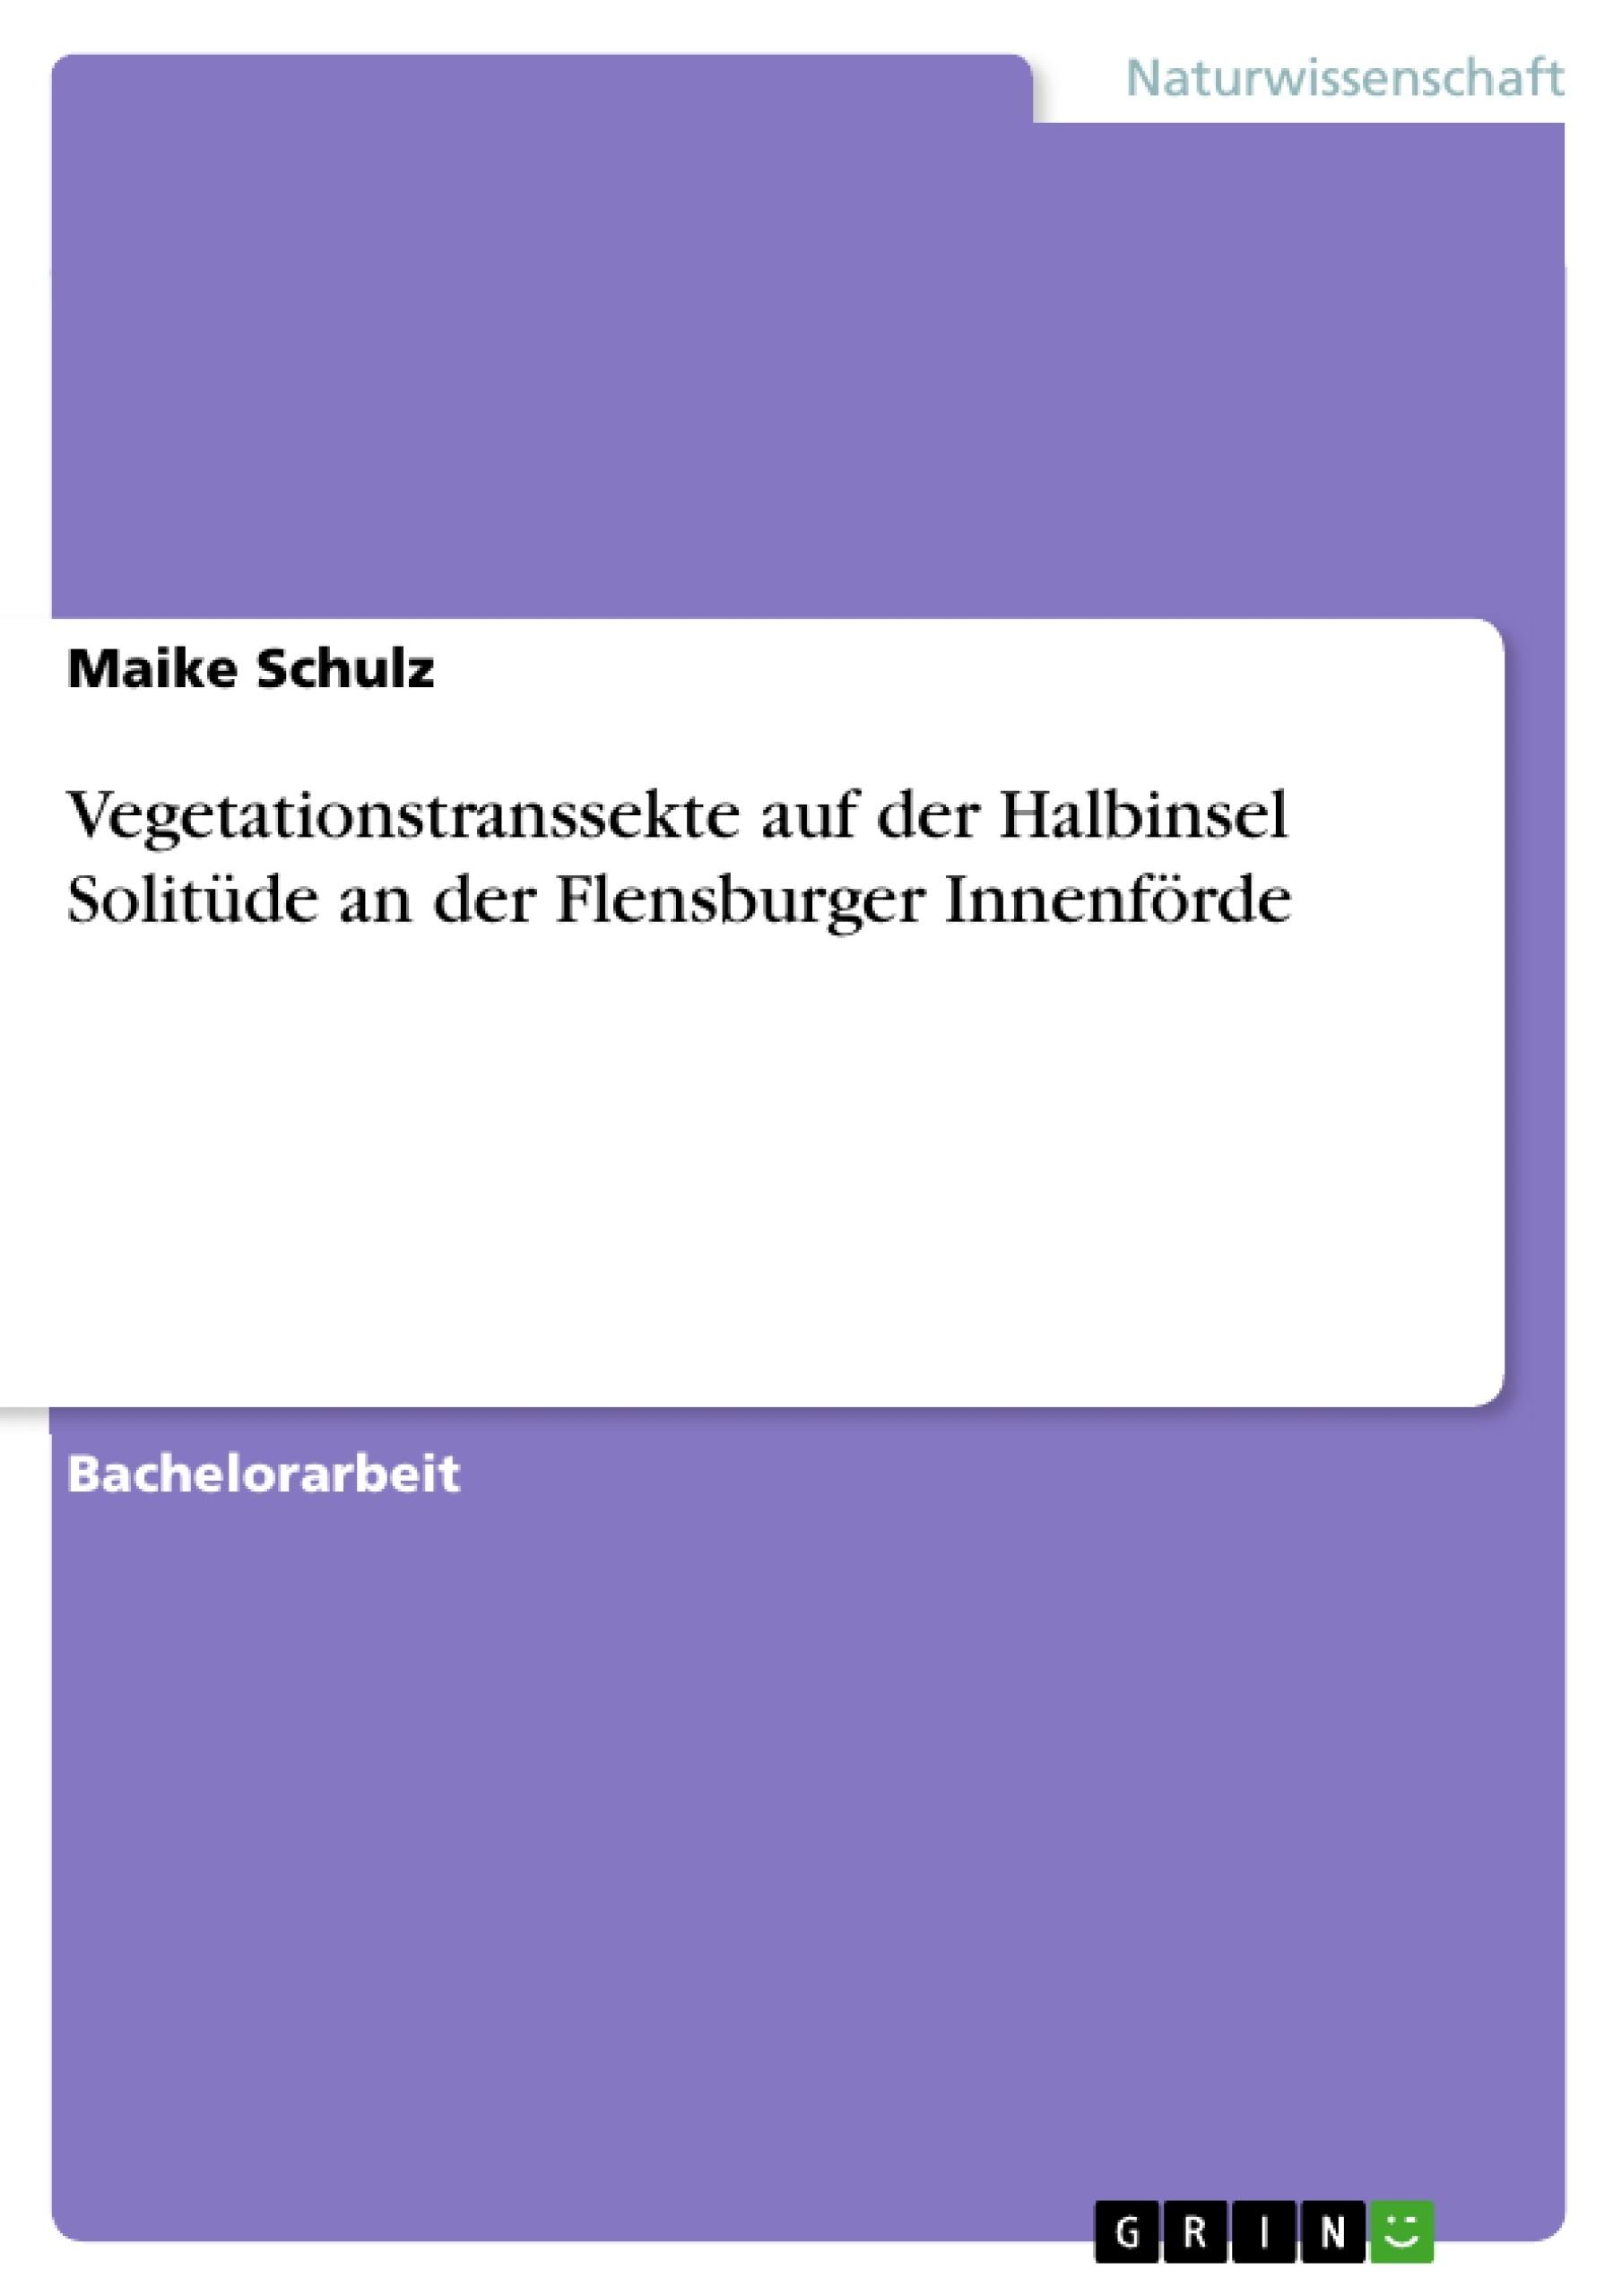 Titel: Vegetationstranssekte auf der Halbinsel Solitüde an der Flensburger Innenförde